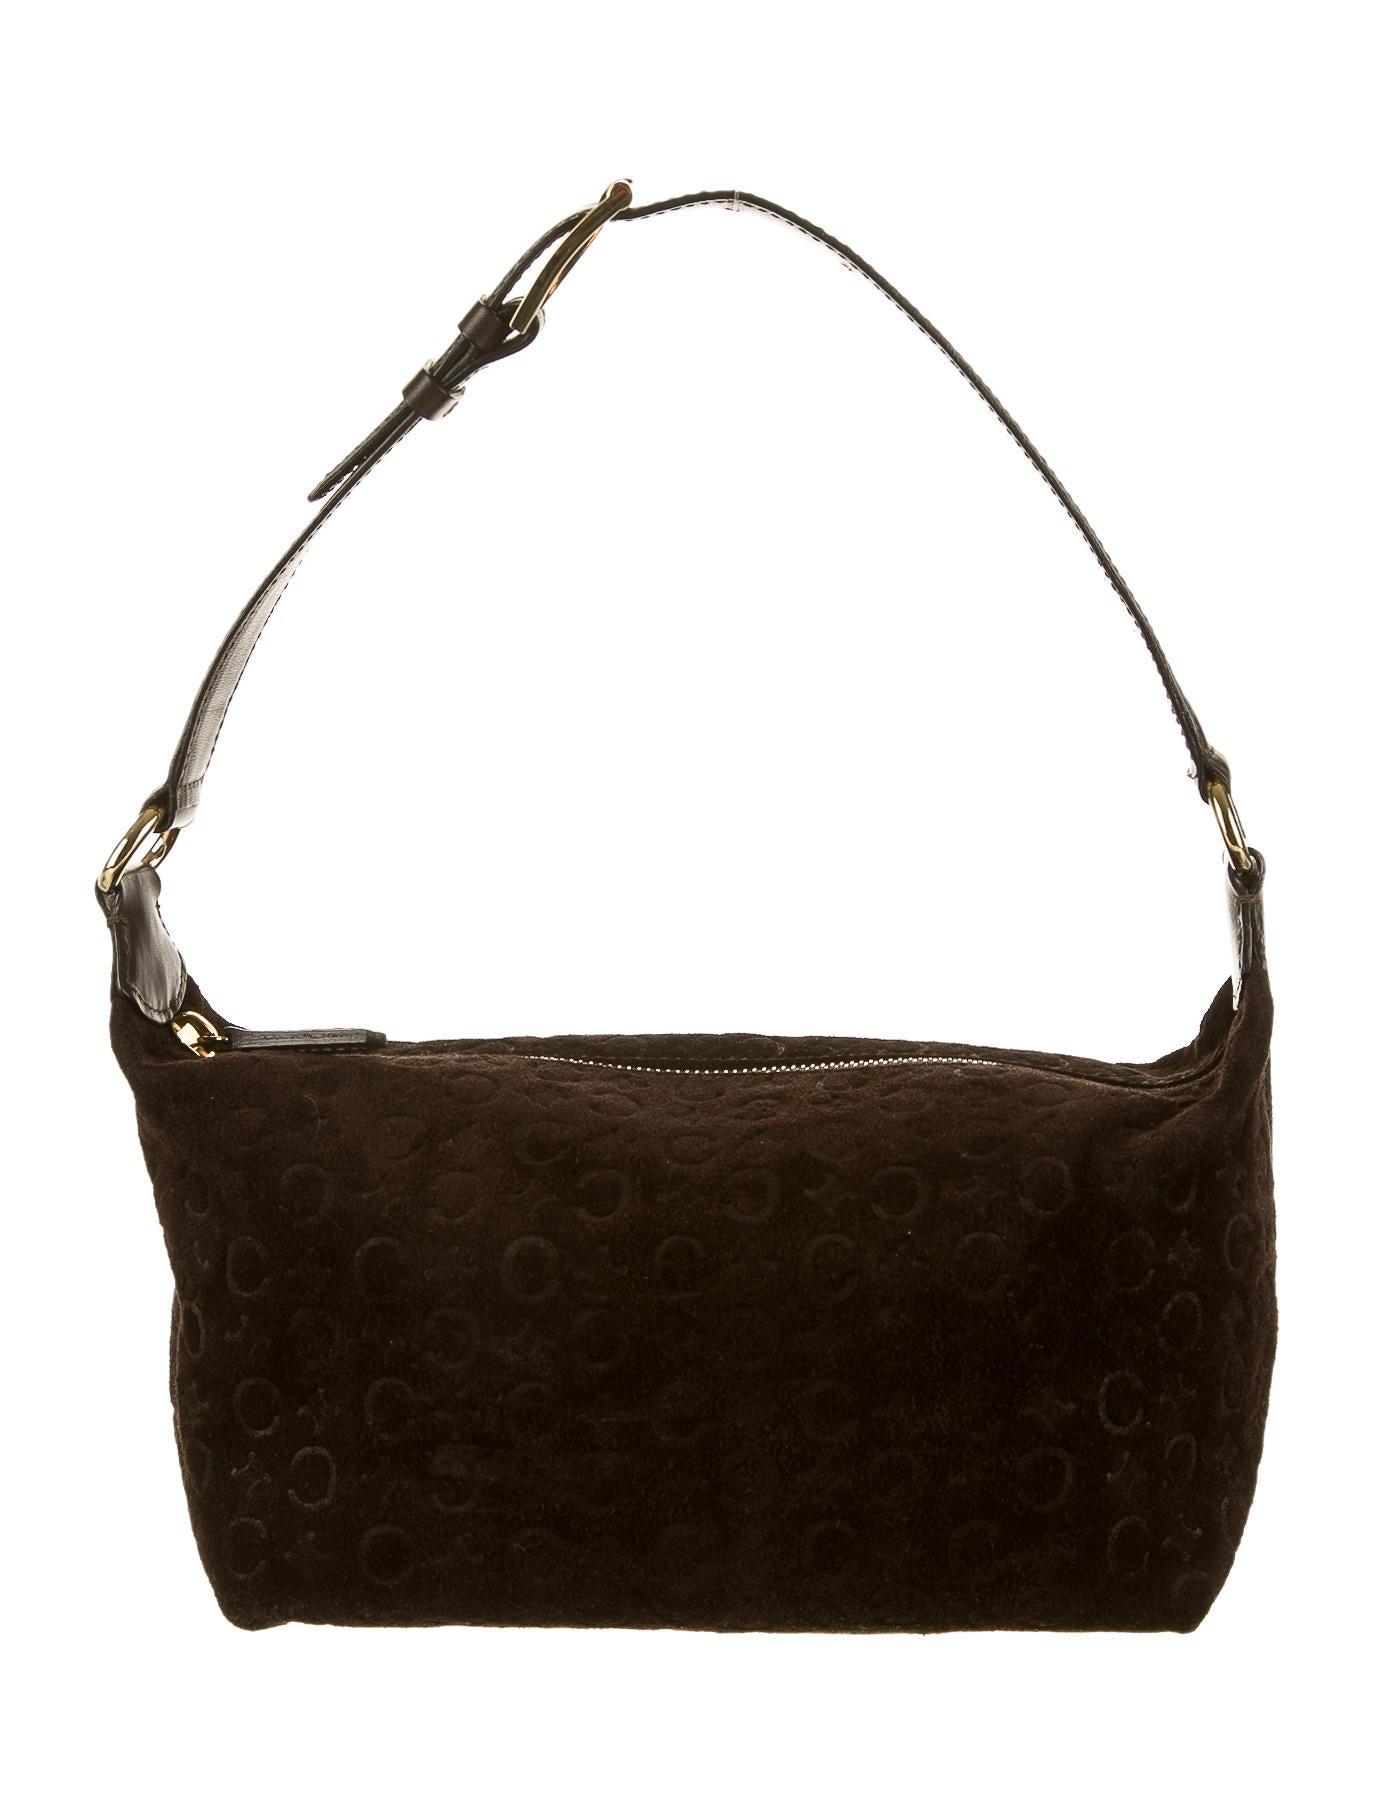 celine handbag vintage shoulder bag